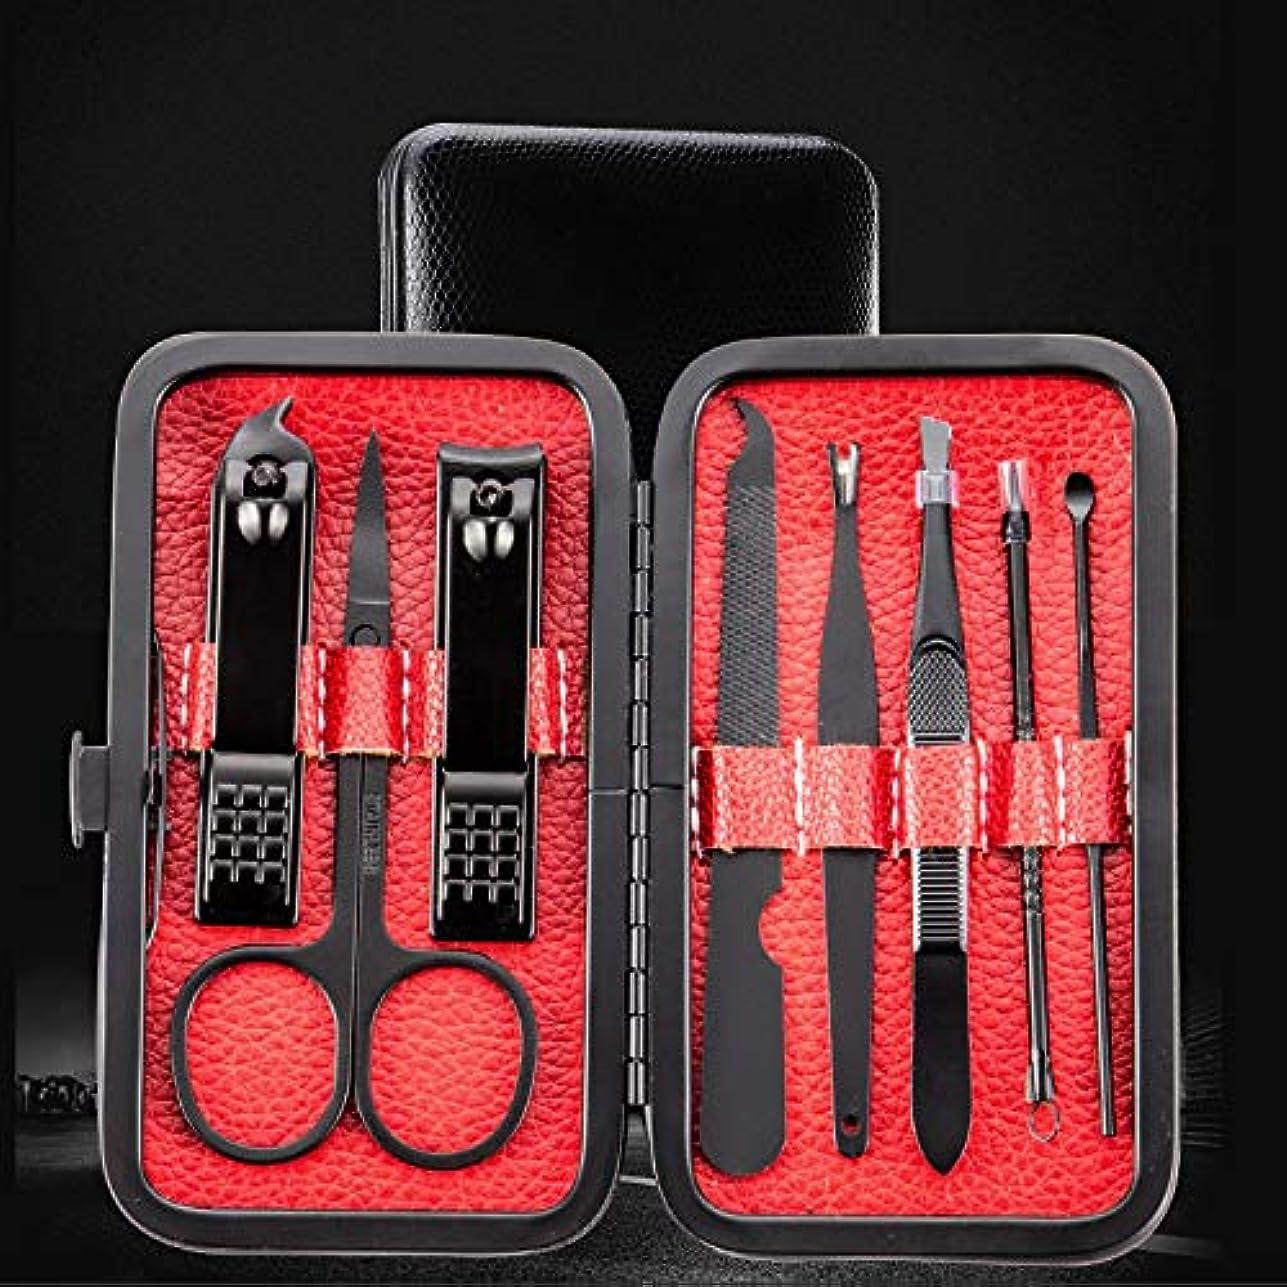 チャット知るこねる15本のネイルツールセットの美容セットマニキュアナイフ用に設定されたステンレス鋼ネイルハサミはカスタマイズ可能